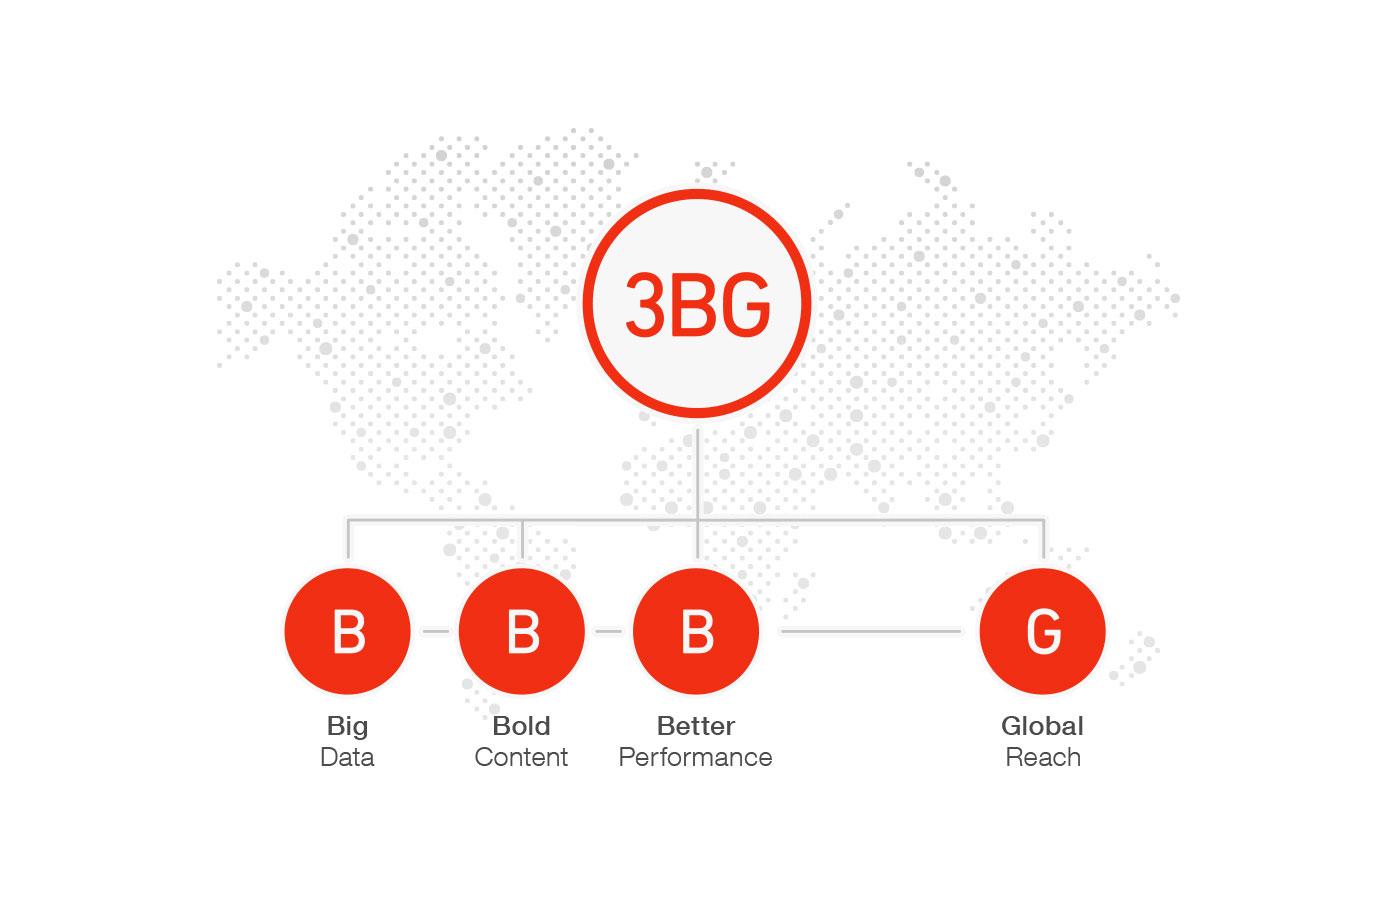 3bg-Graphic_v1.jpg